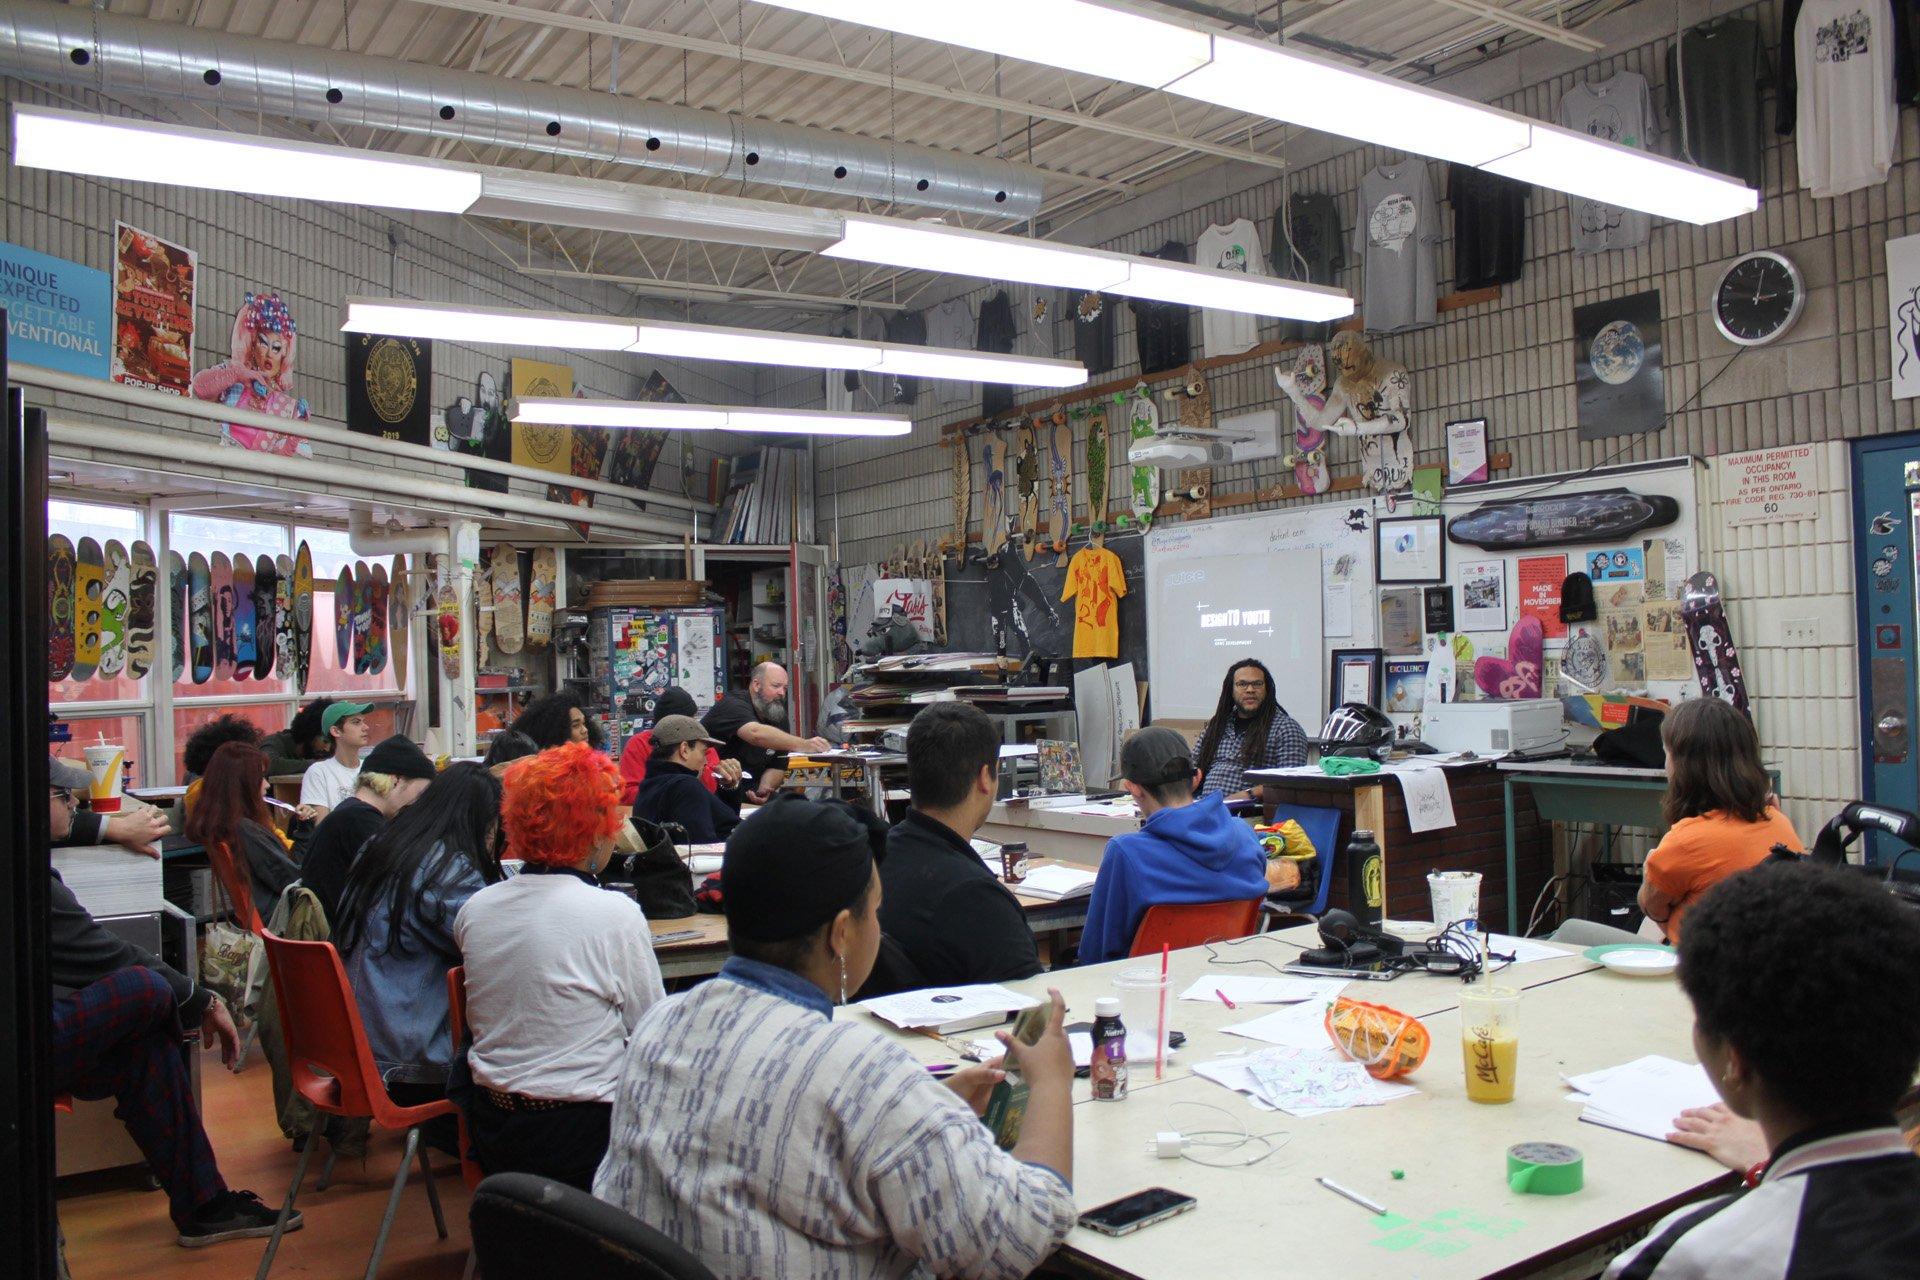 Artscape Wychwood Barns DesignTO Youth Film Screening